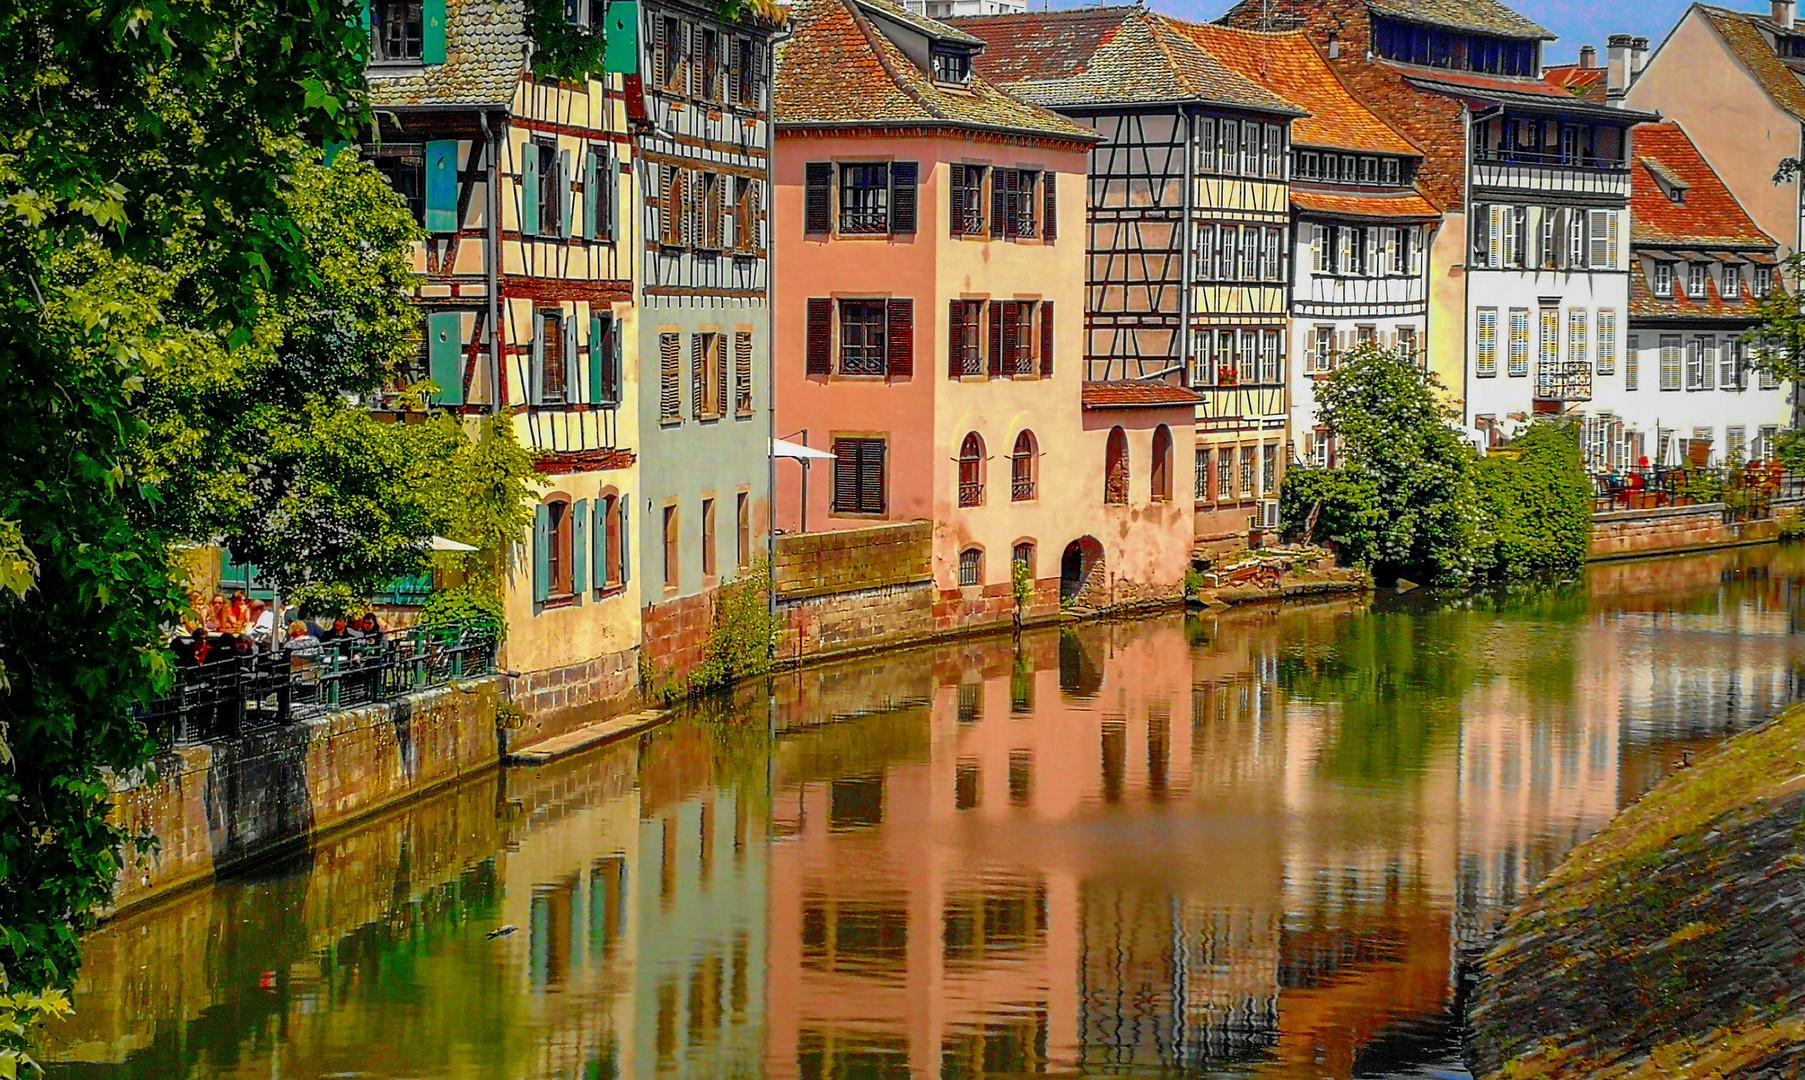 Каналы старого города в Страсбурга